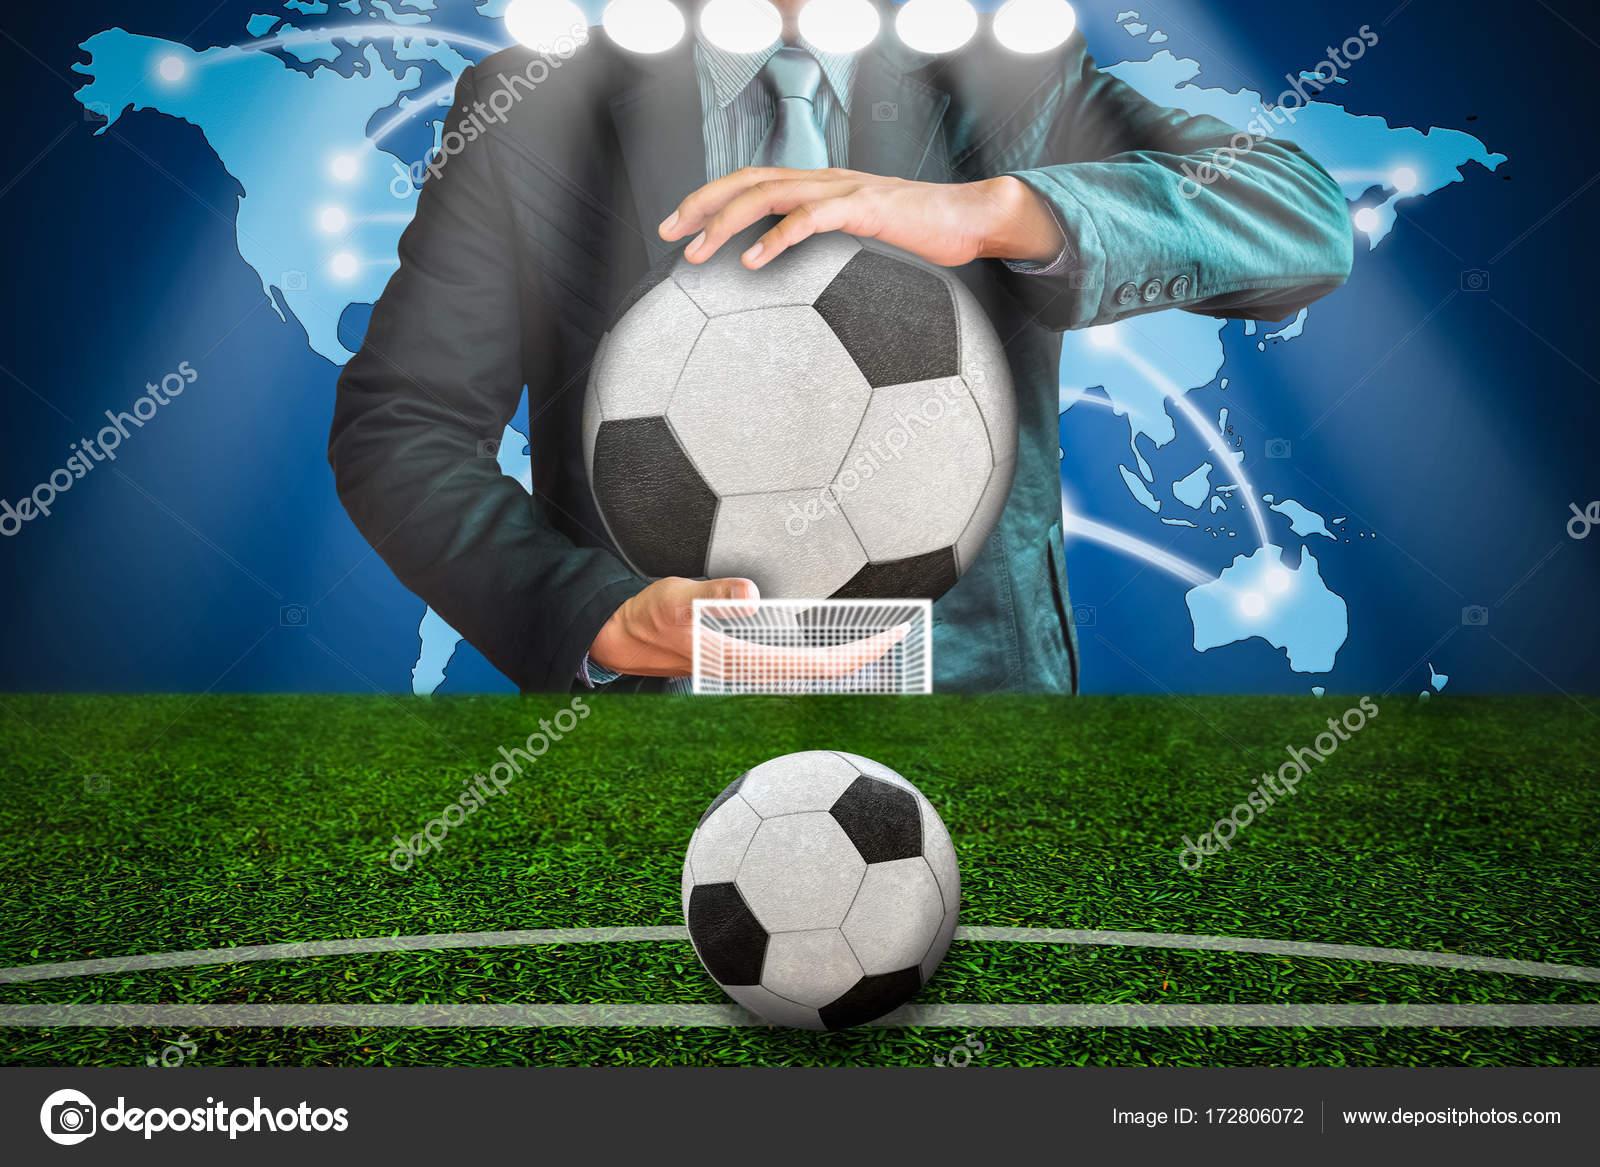 3e9184715 Planning soccer shooting ball — Stock Photo © releon8211 #172806072